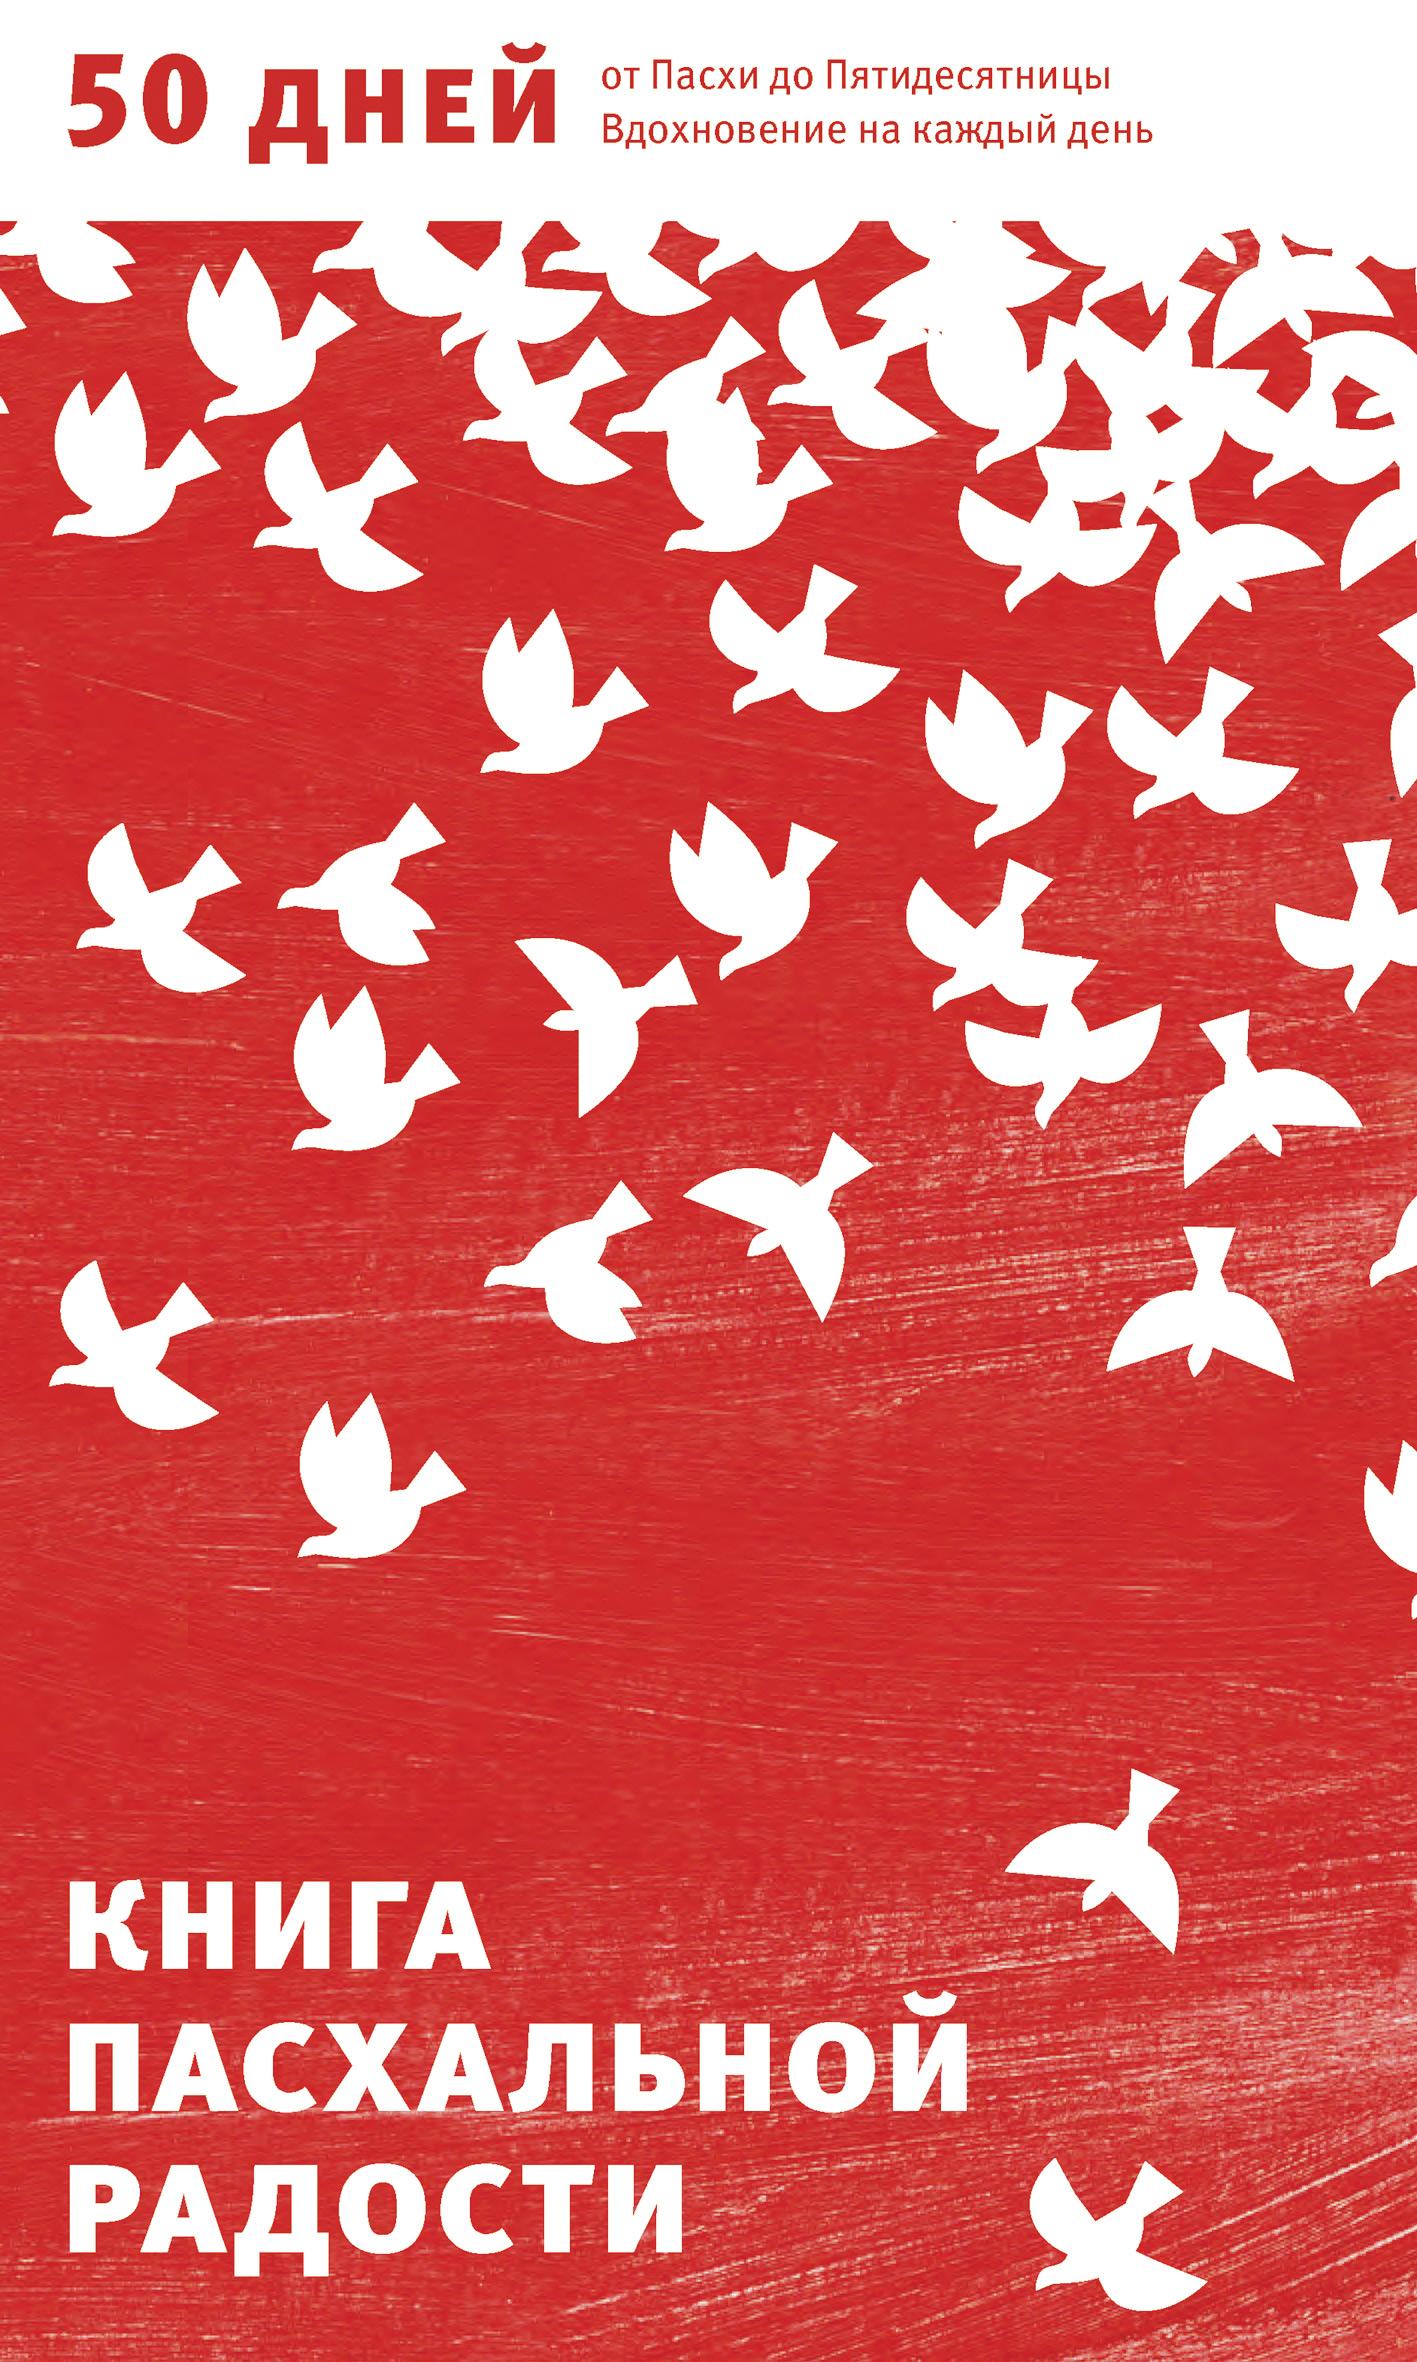 Отсутствует Книга пасхальной радости. 50 дней от Пасхи до Пятидесятницы. Вдохновение на каждый день как встретить святую пасху пасхальные богослужения рецепты пасхальной трапезы